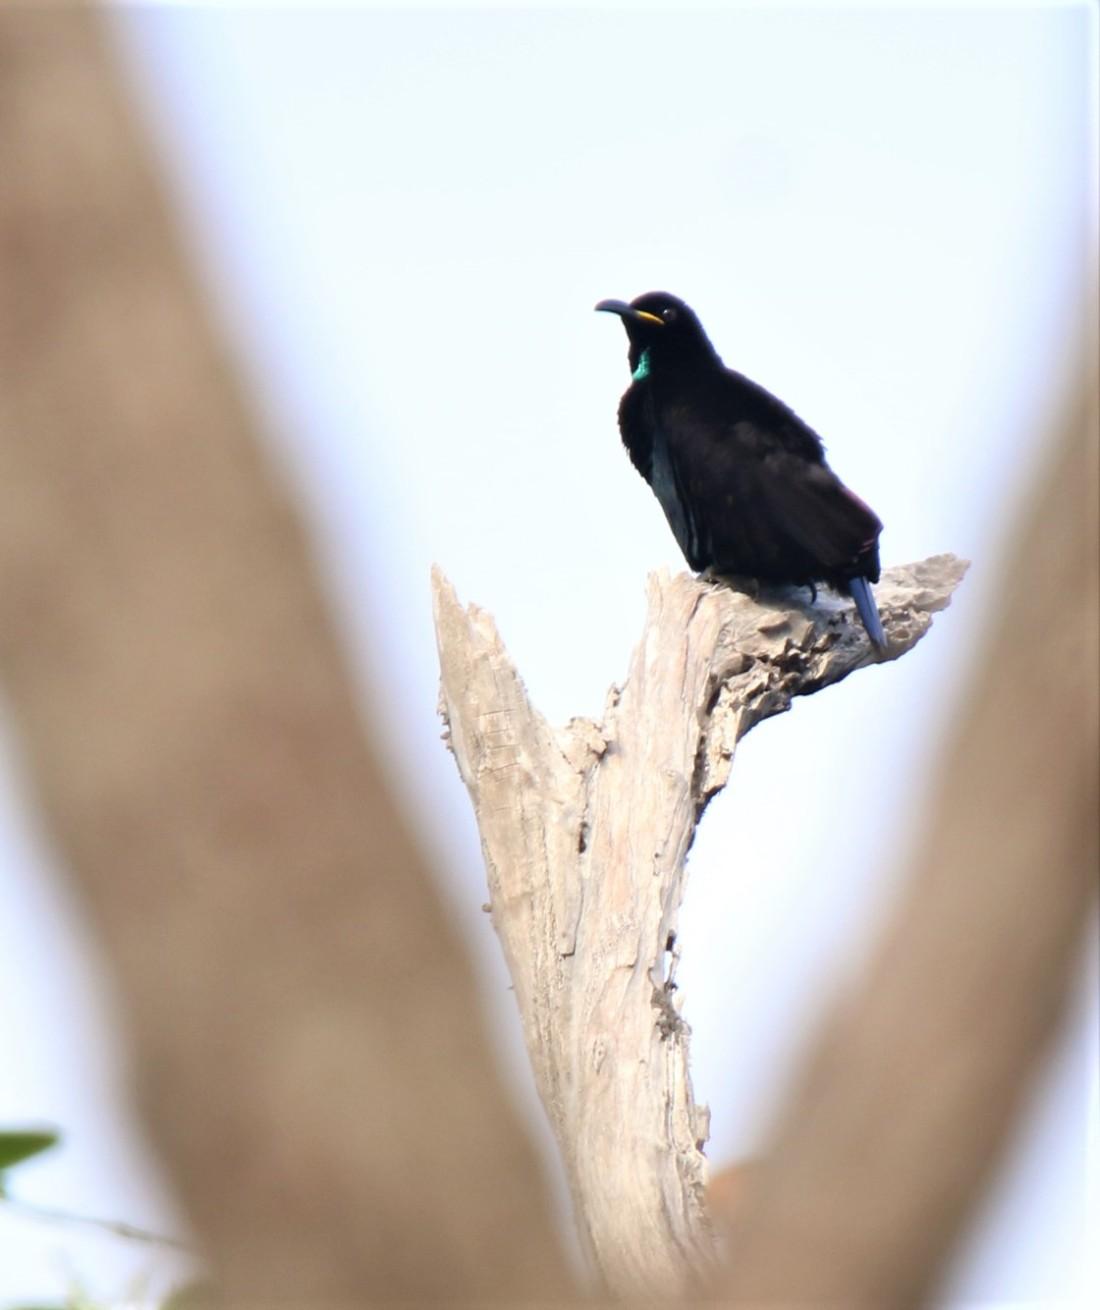 Riflebird, Victoria's m4